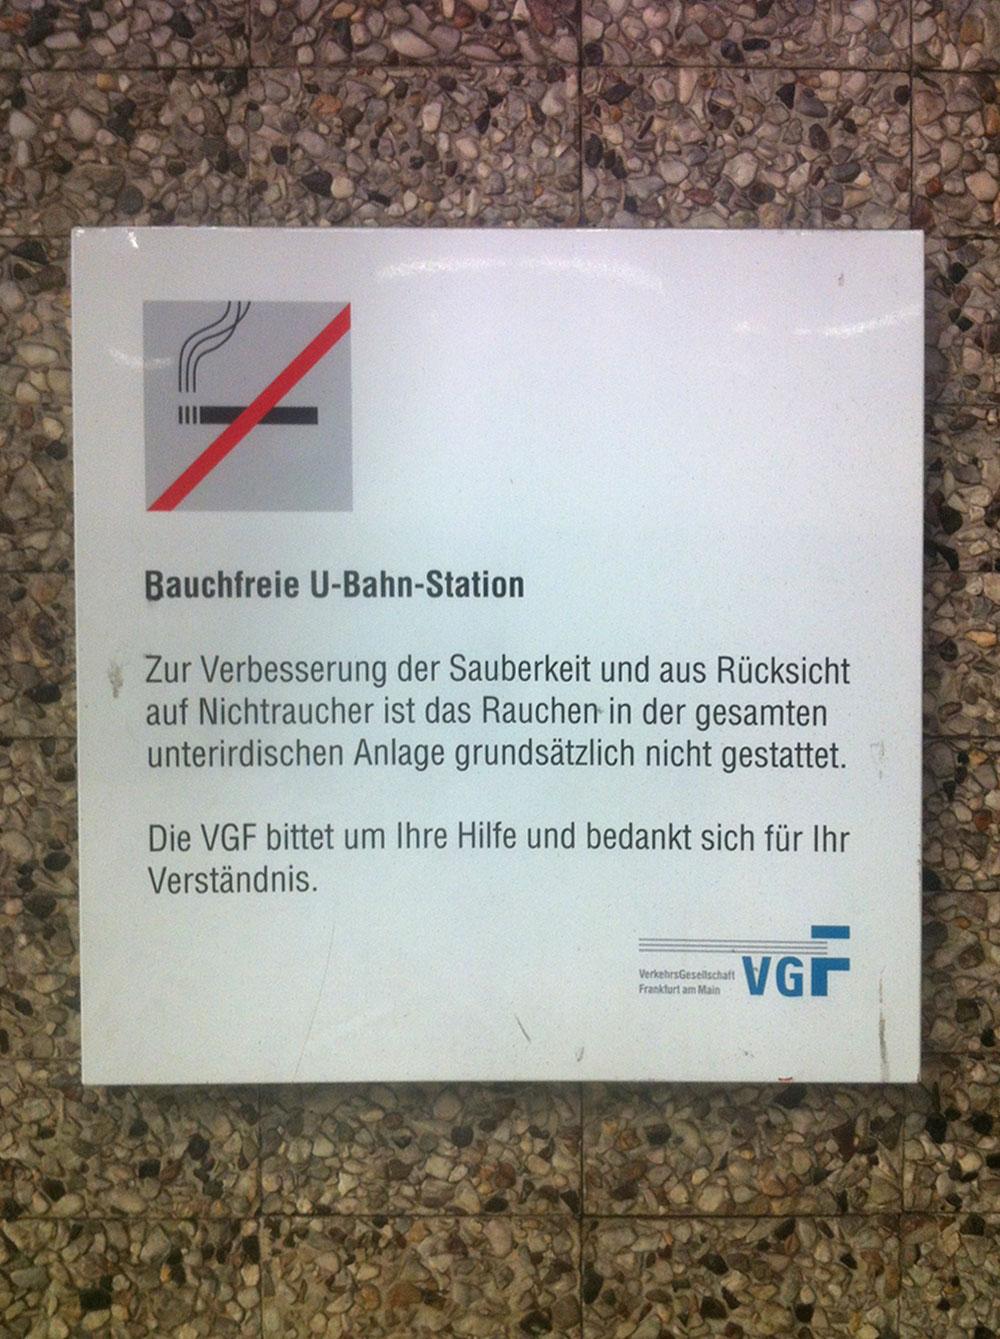 Bauchfreie U-Bahn-Station